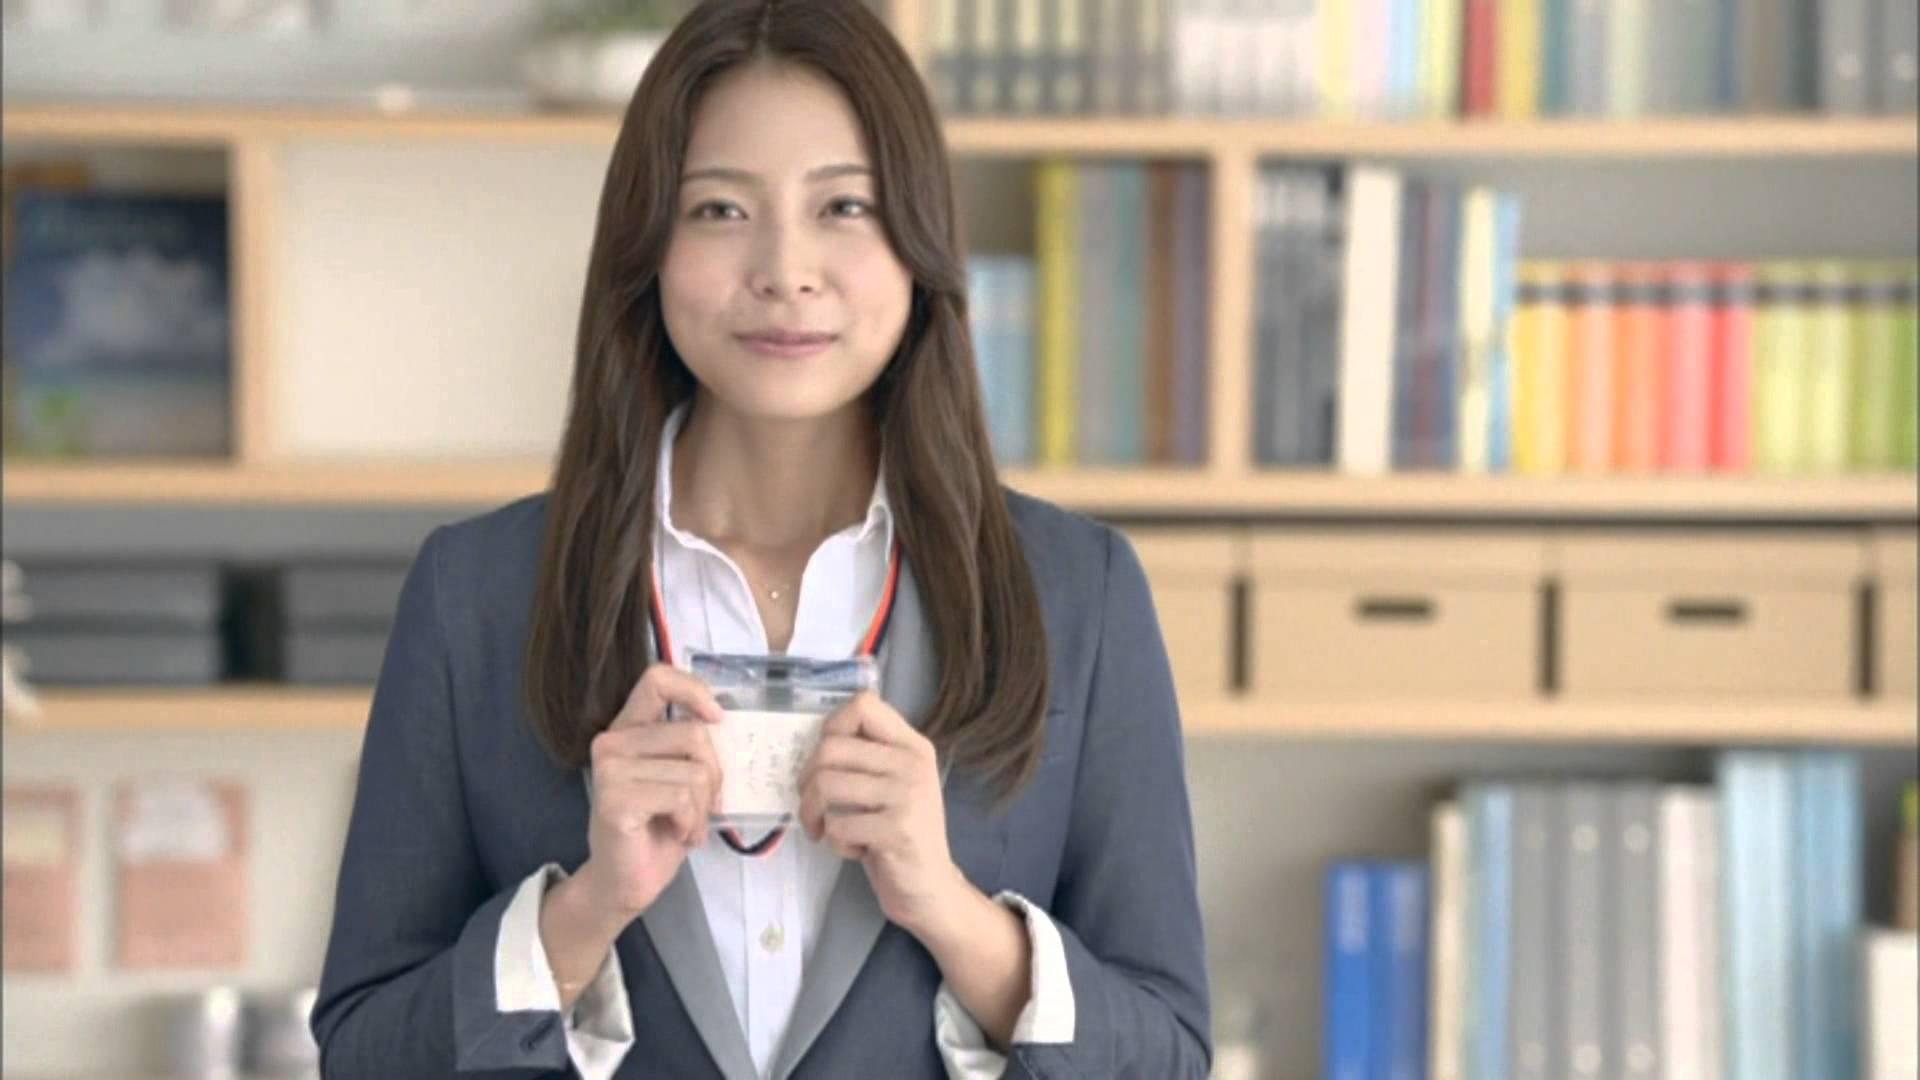 相武紗季の熱愛遍歴は?結婚相手と知り合ったのはアノ俳優の紹介!のサムネイル画像